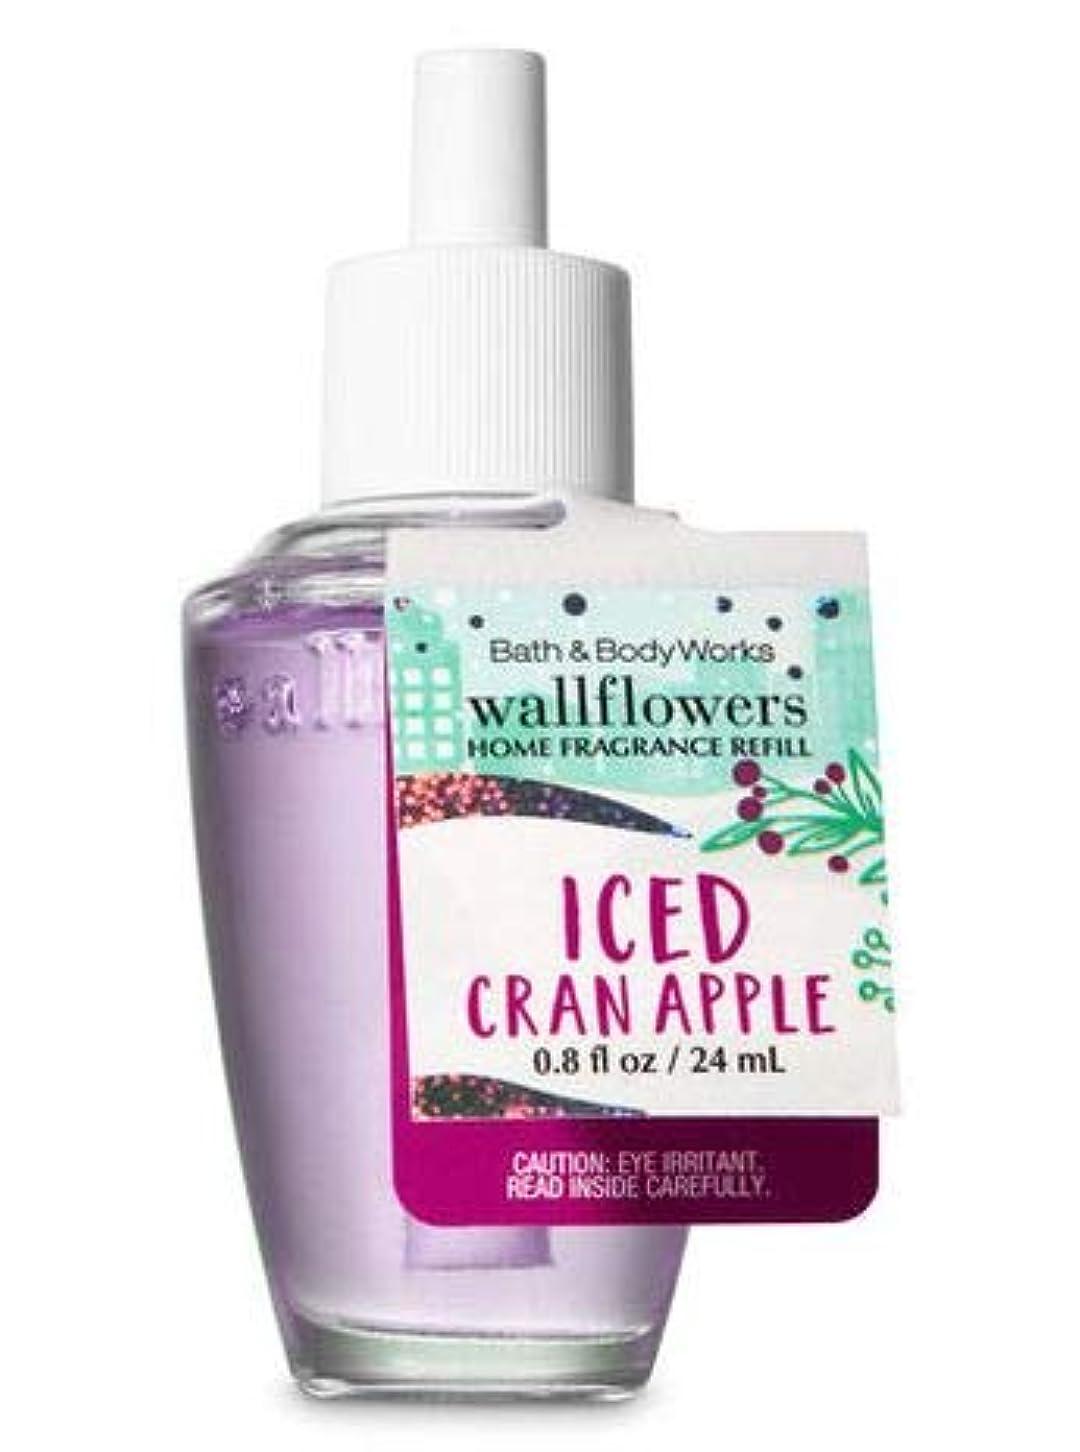 センサー代表する私たちの【Bath&Body Works/バス&ボディワークス】 ルームフレグランス 詰替えリフィル アイスドクランベリーアップル Wallflowers Home Fragrance Refill Iced Cranberry Apple [並行輸入品]